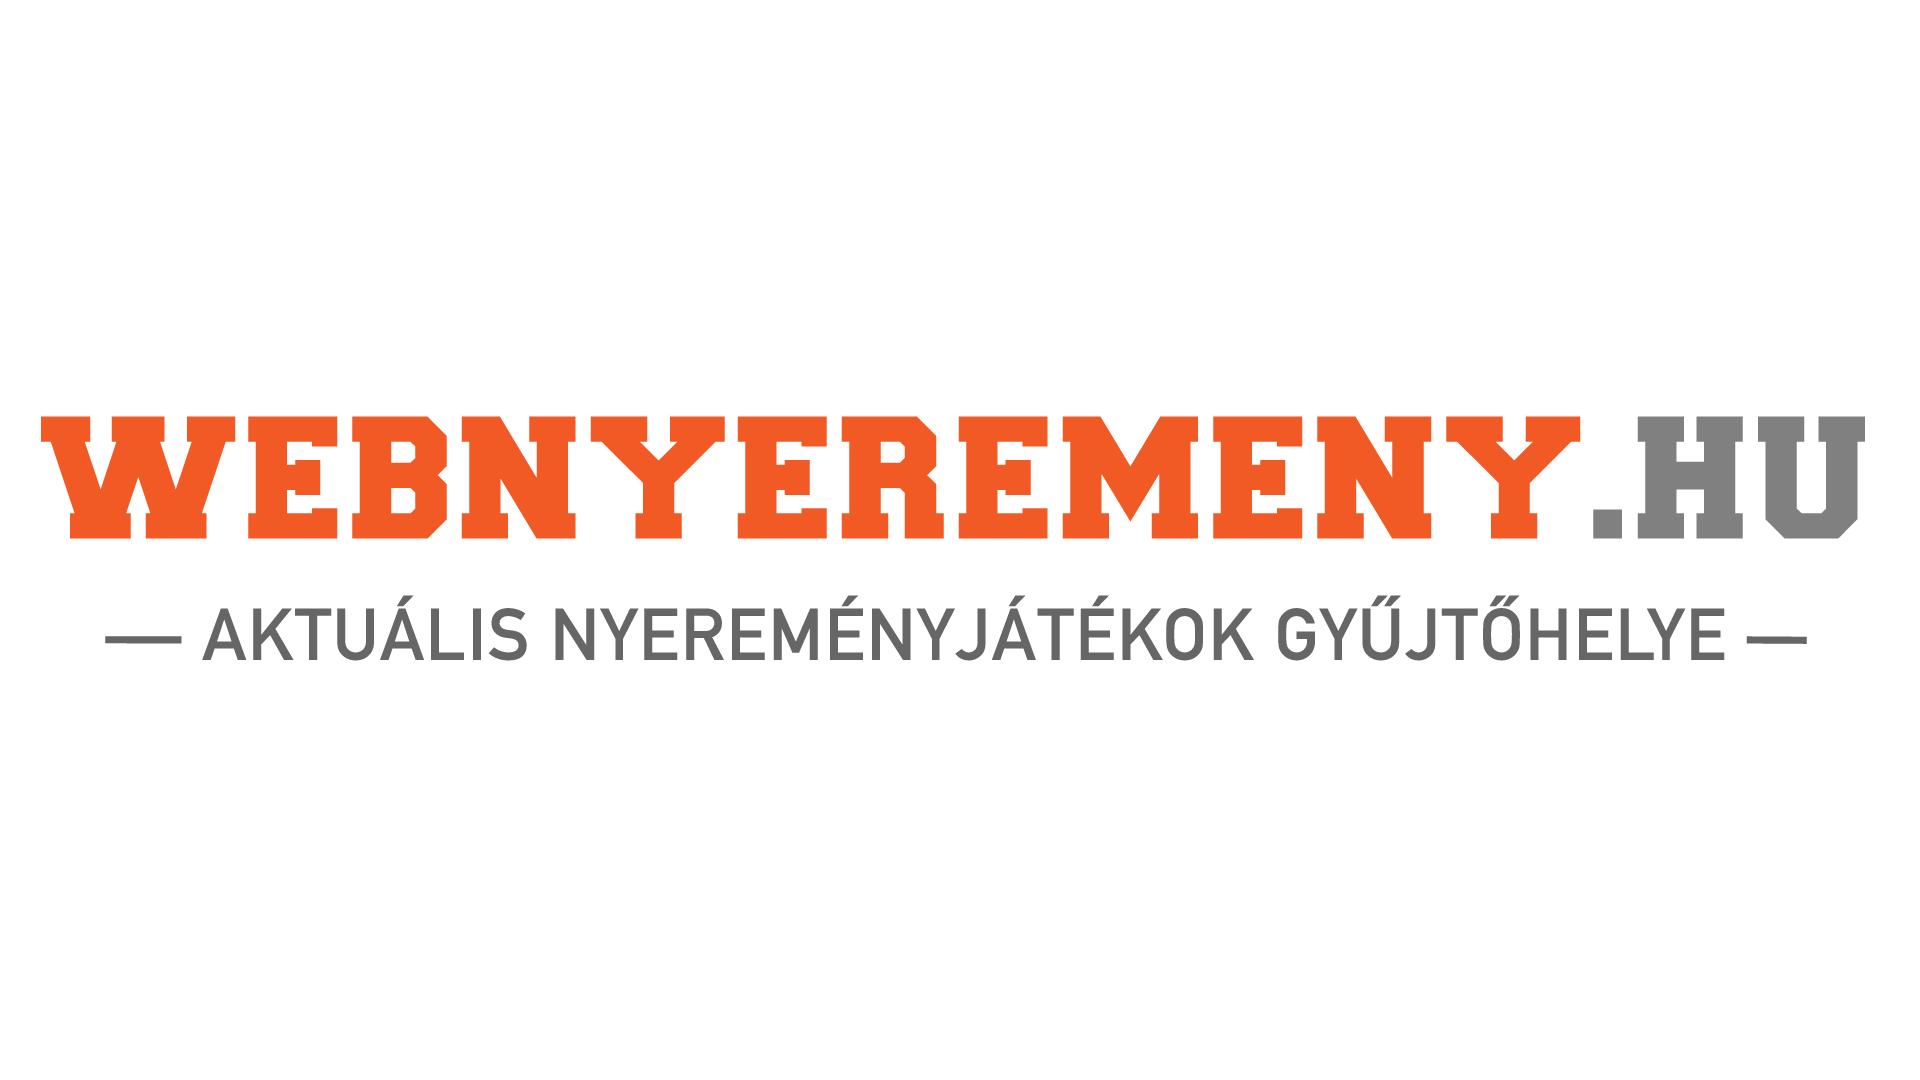 Aktuális nyereményjátékok gyűjtőhelye - nyereményjáték 2021 logo